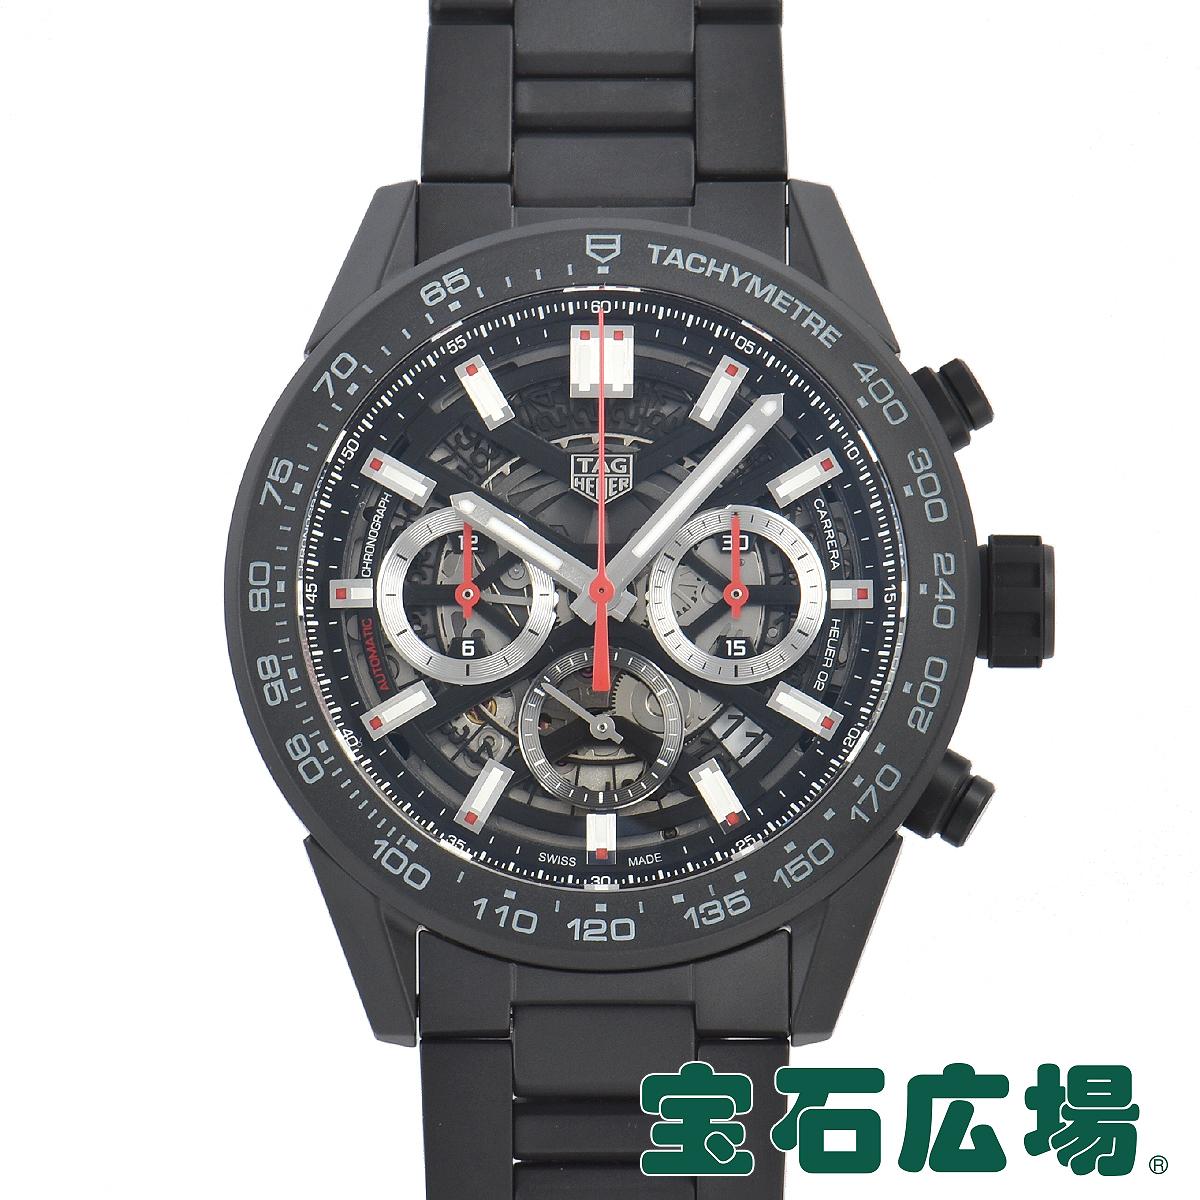 タグ・ホイヤー TAG HEUER カレラ キャリバーホイヤー02 クロノグラフ45mm CBG2A90.BH0653【新品】メンズ 腕時計 送料・代引手数料無料